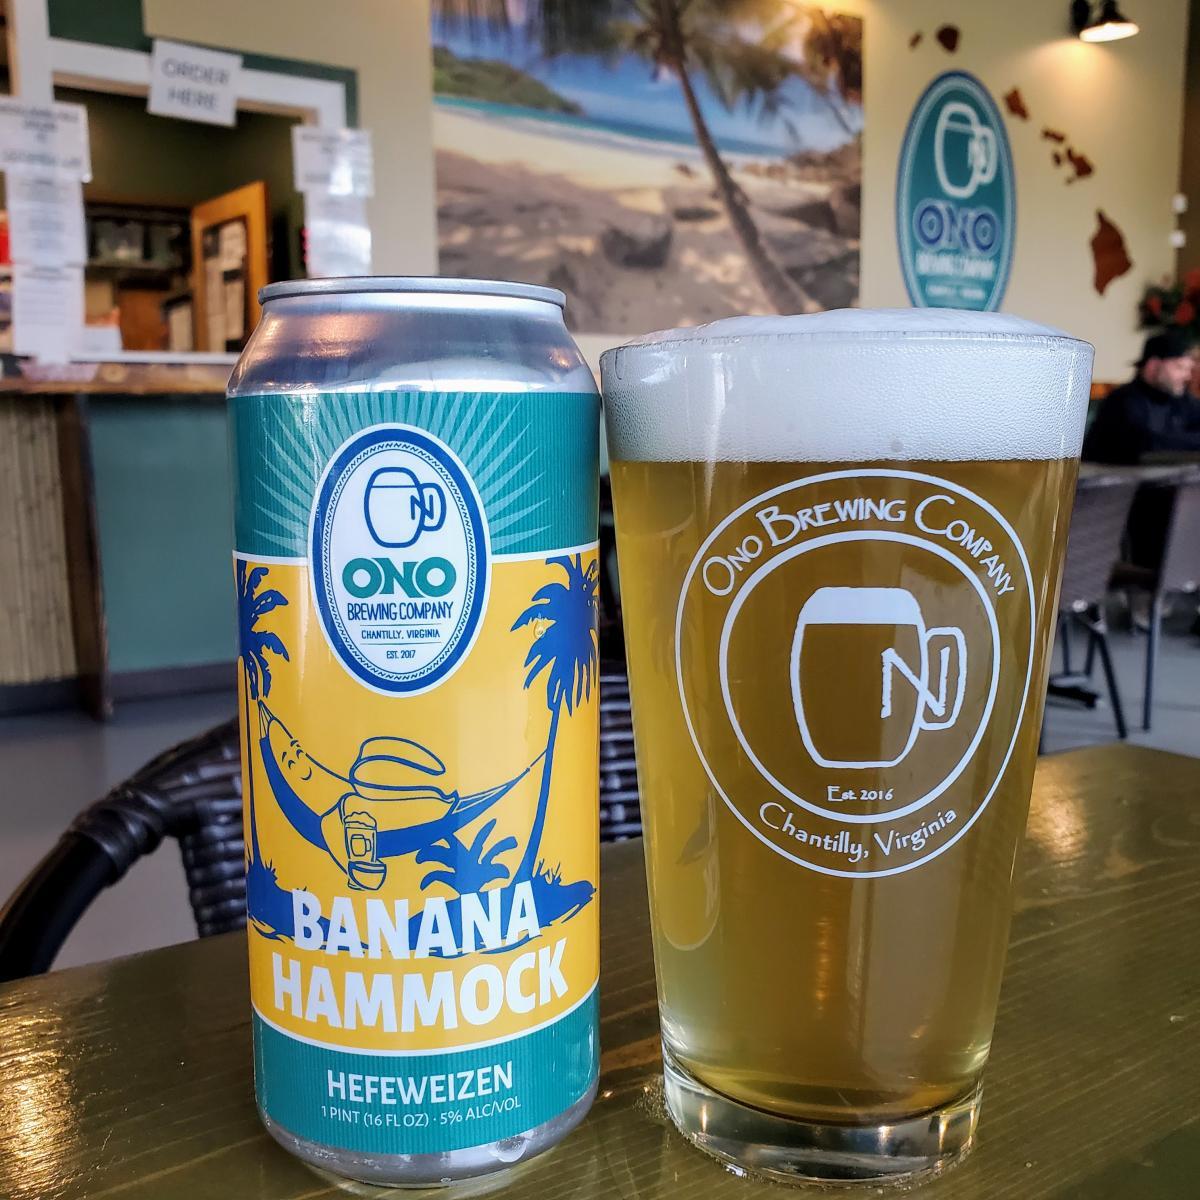 Banana Hammock - Ono Brewing Company